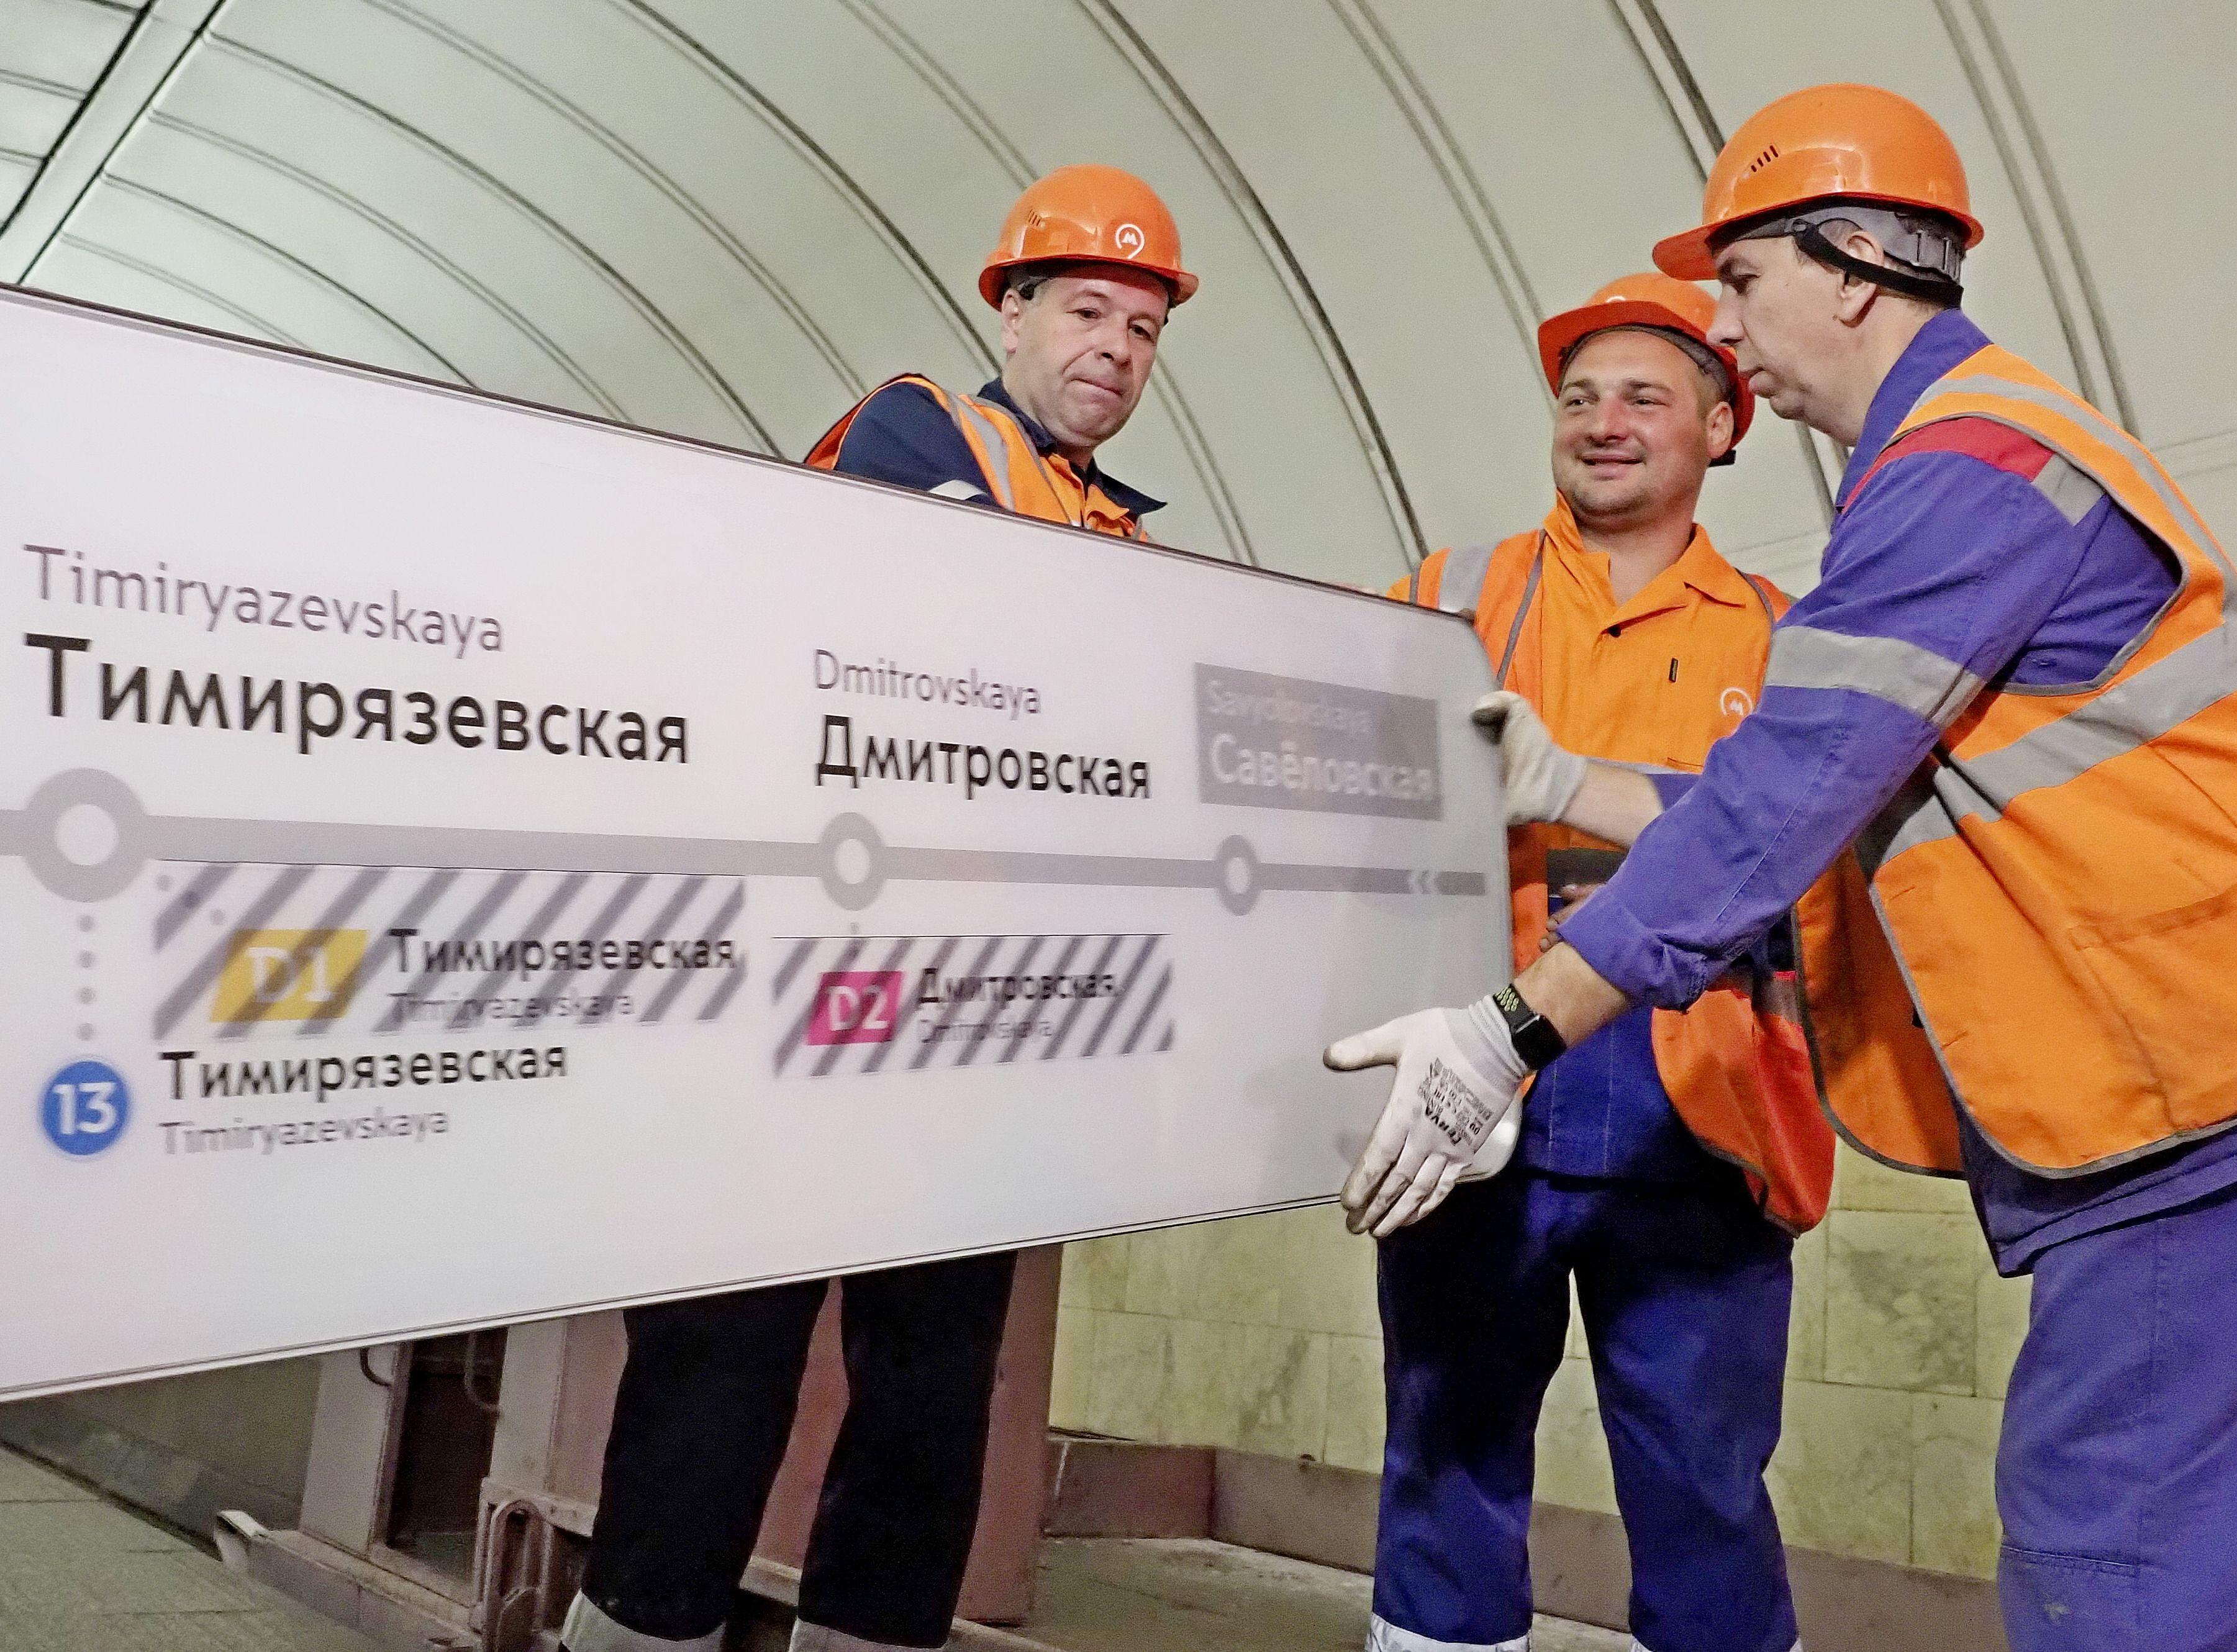 МЦД и будущие станции разнообразили приложение «Метро Москвы»